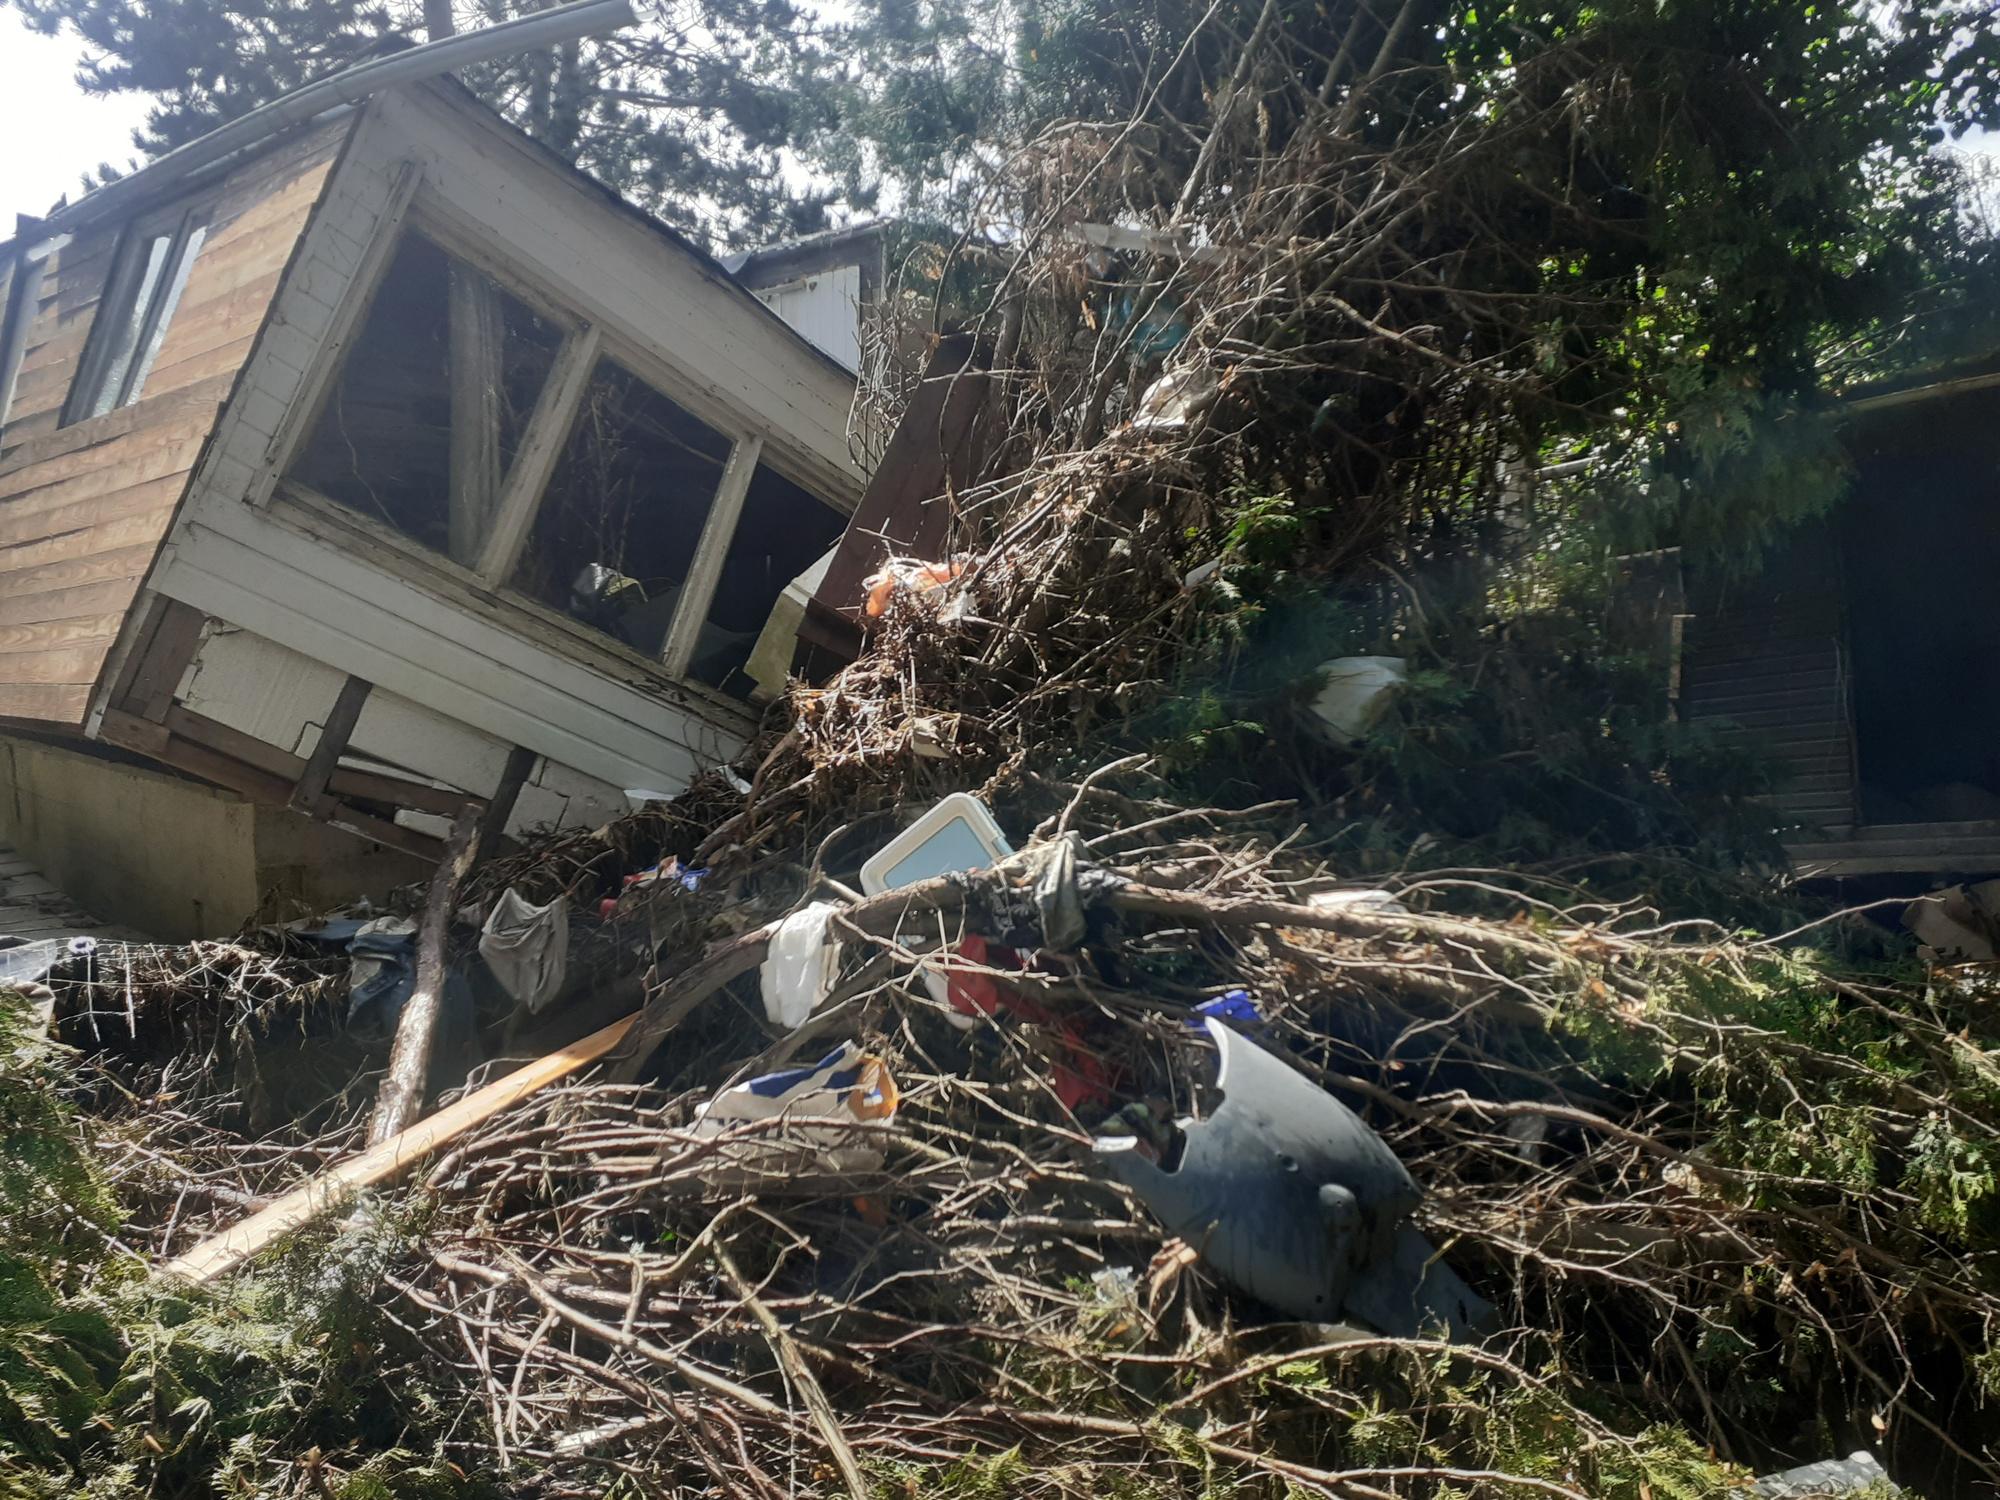 Camping de Méry, en bordure d'Ourthe: habitations (maisons et caravanes) et végétations détruites par la furie des inondations., DSS